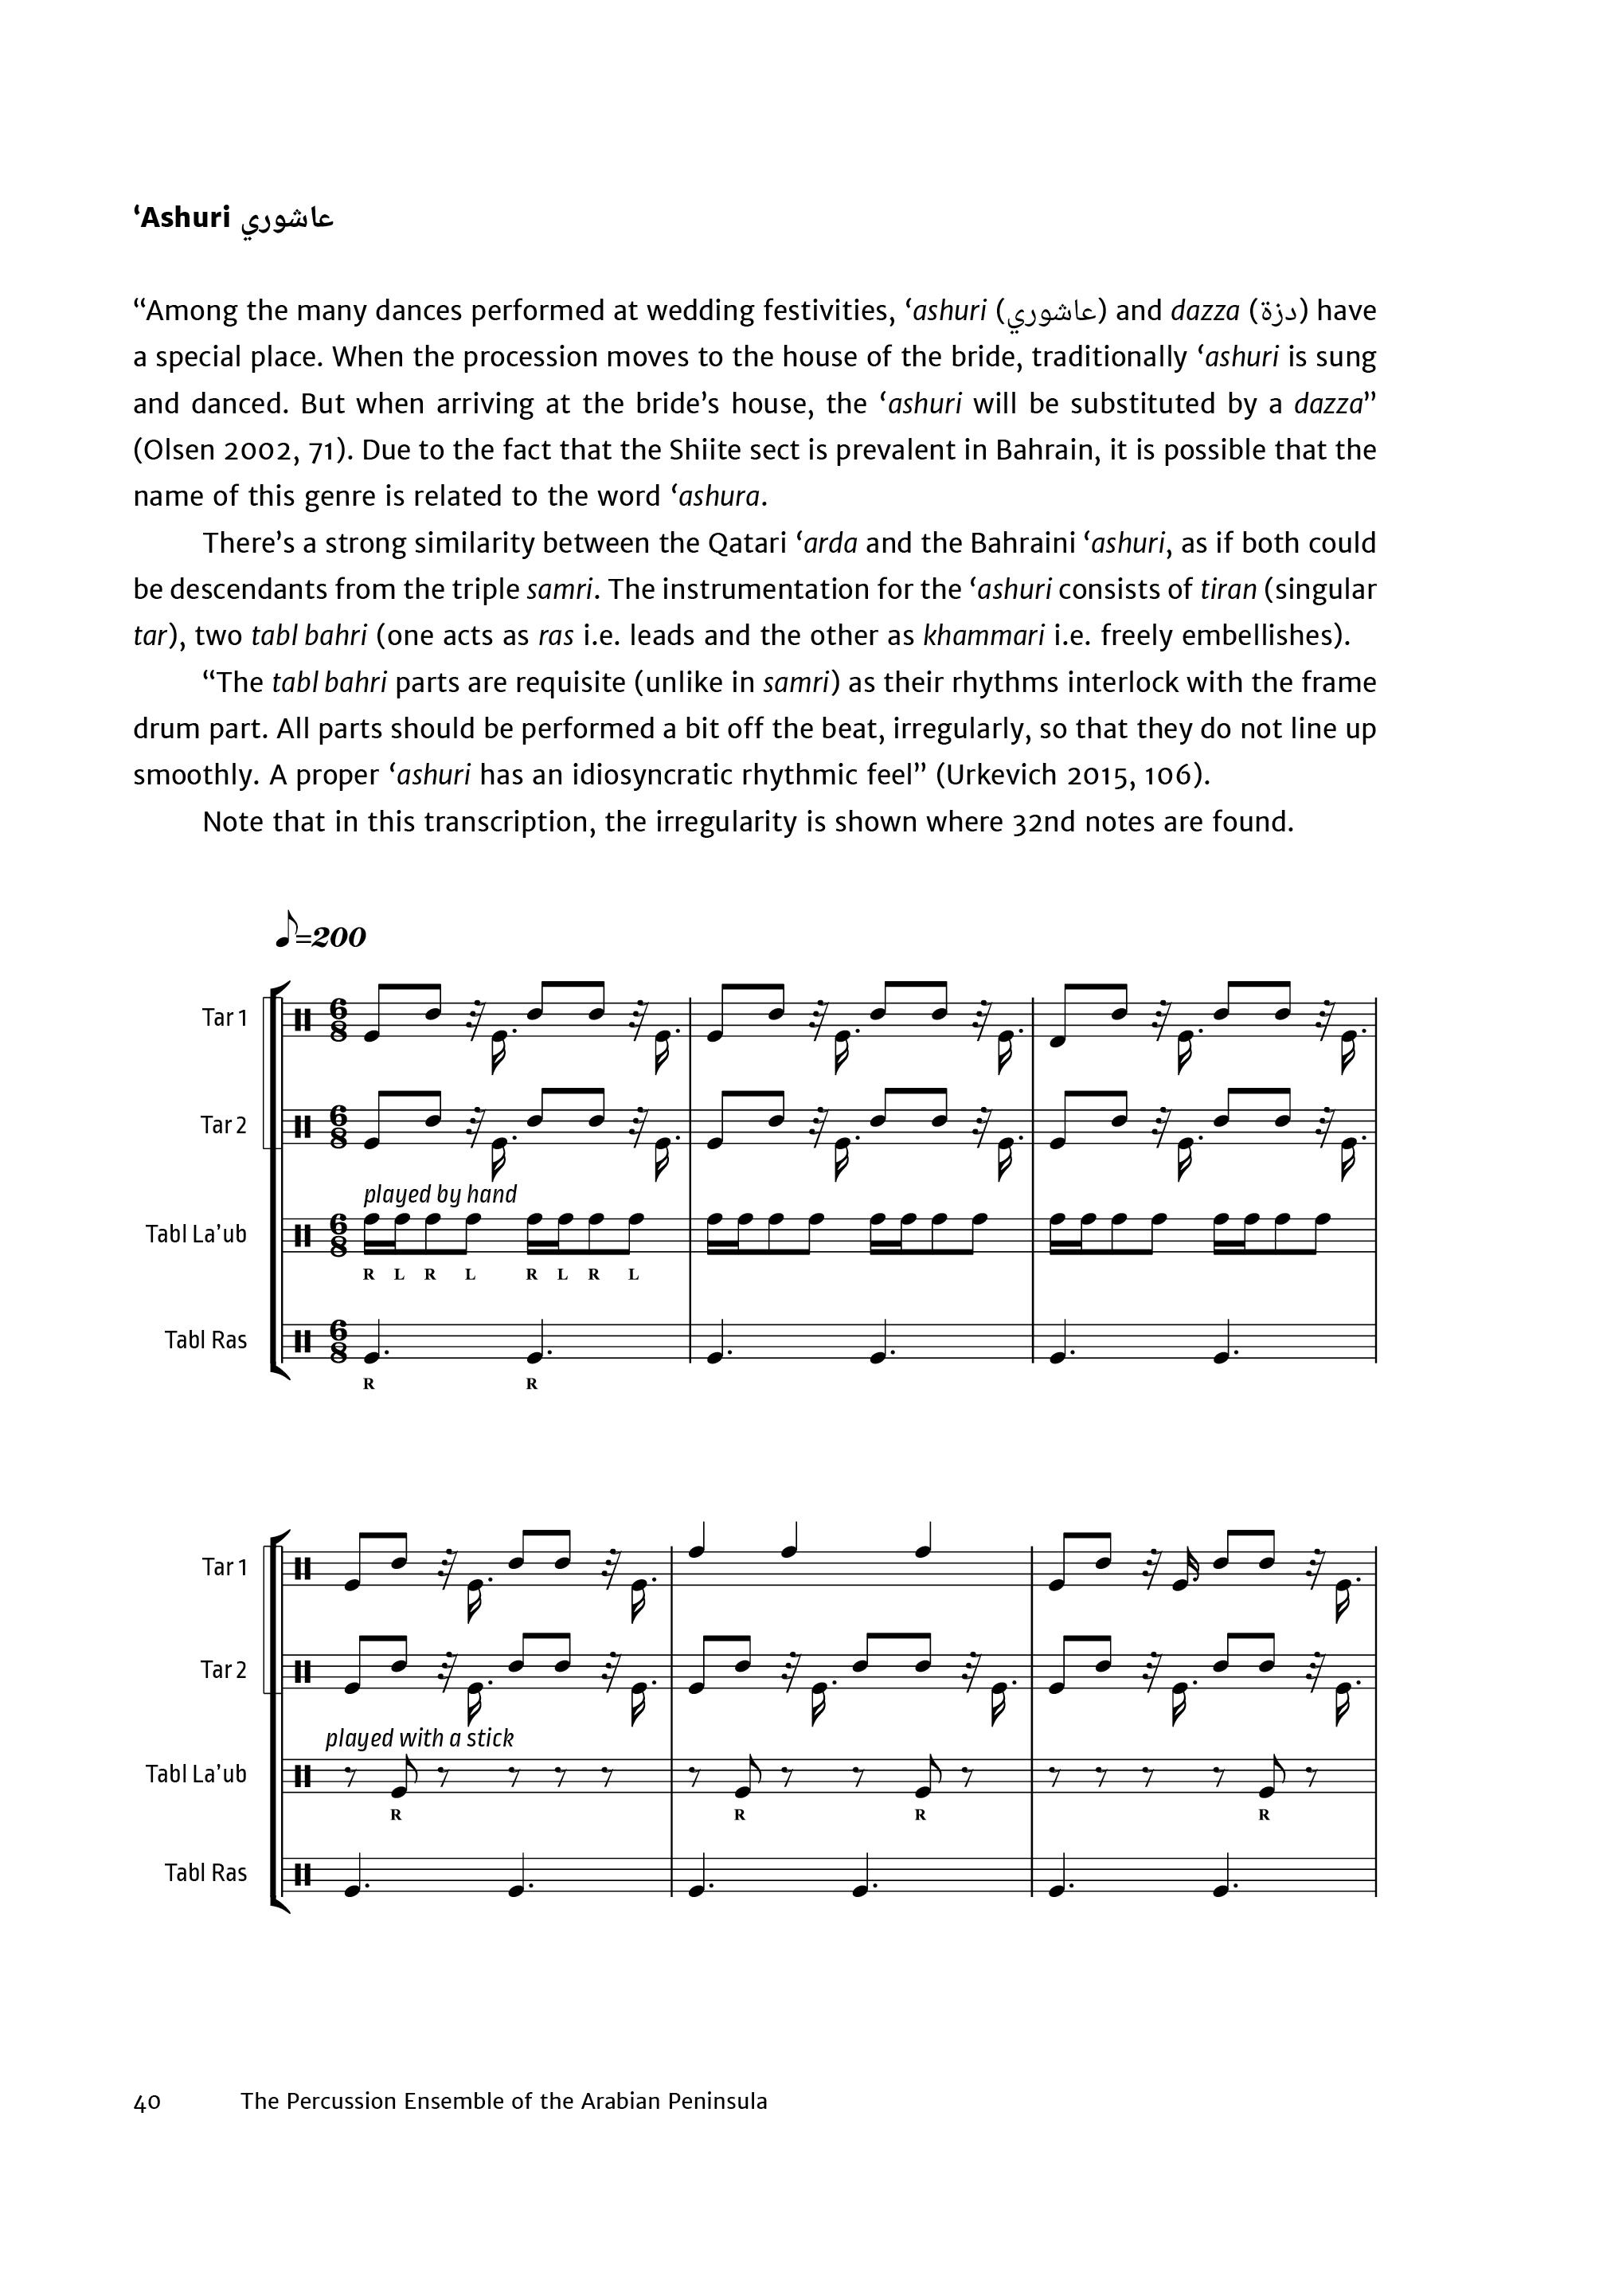 PEAP-EBook-170415-58.jpg